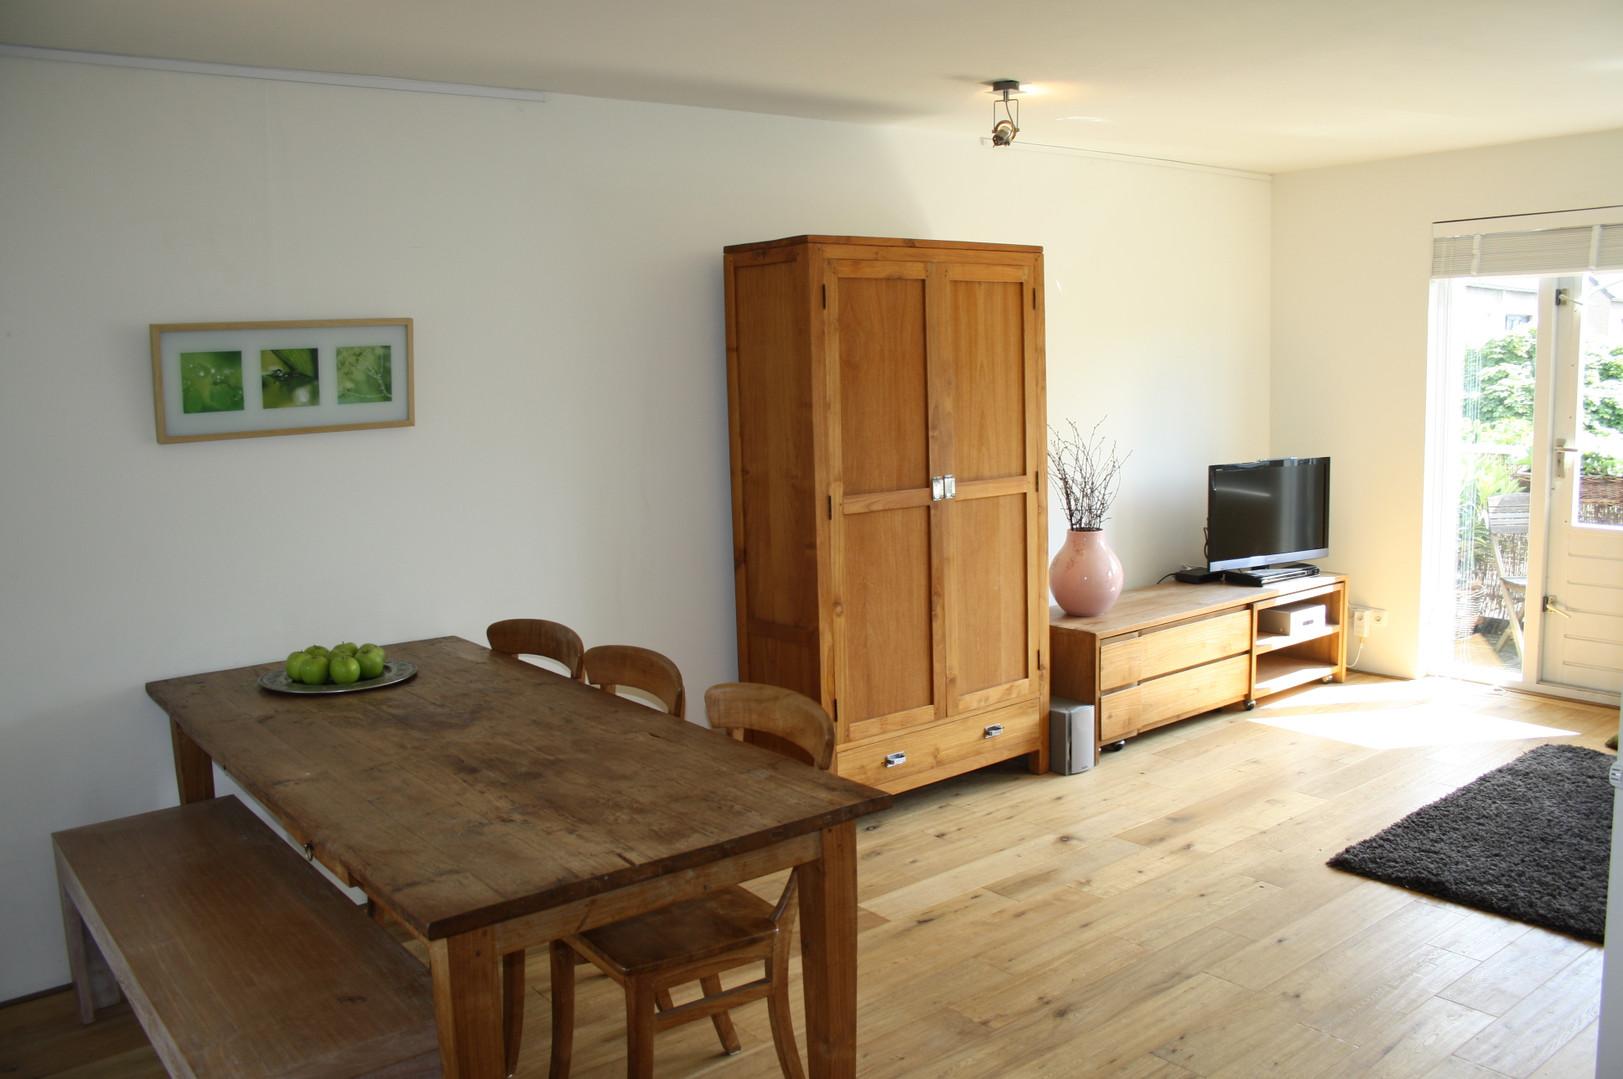 HouseofKIKI_Eetkamer_appartement_na.jpg